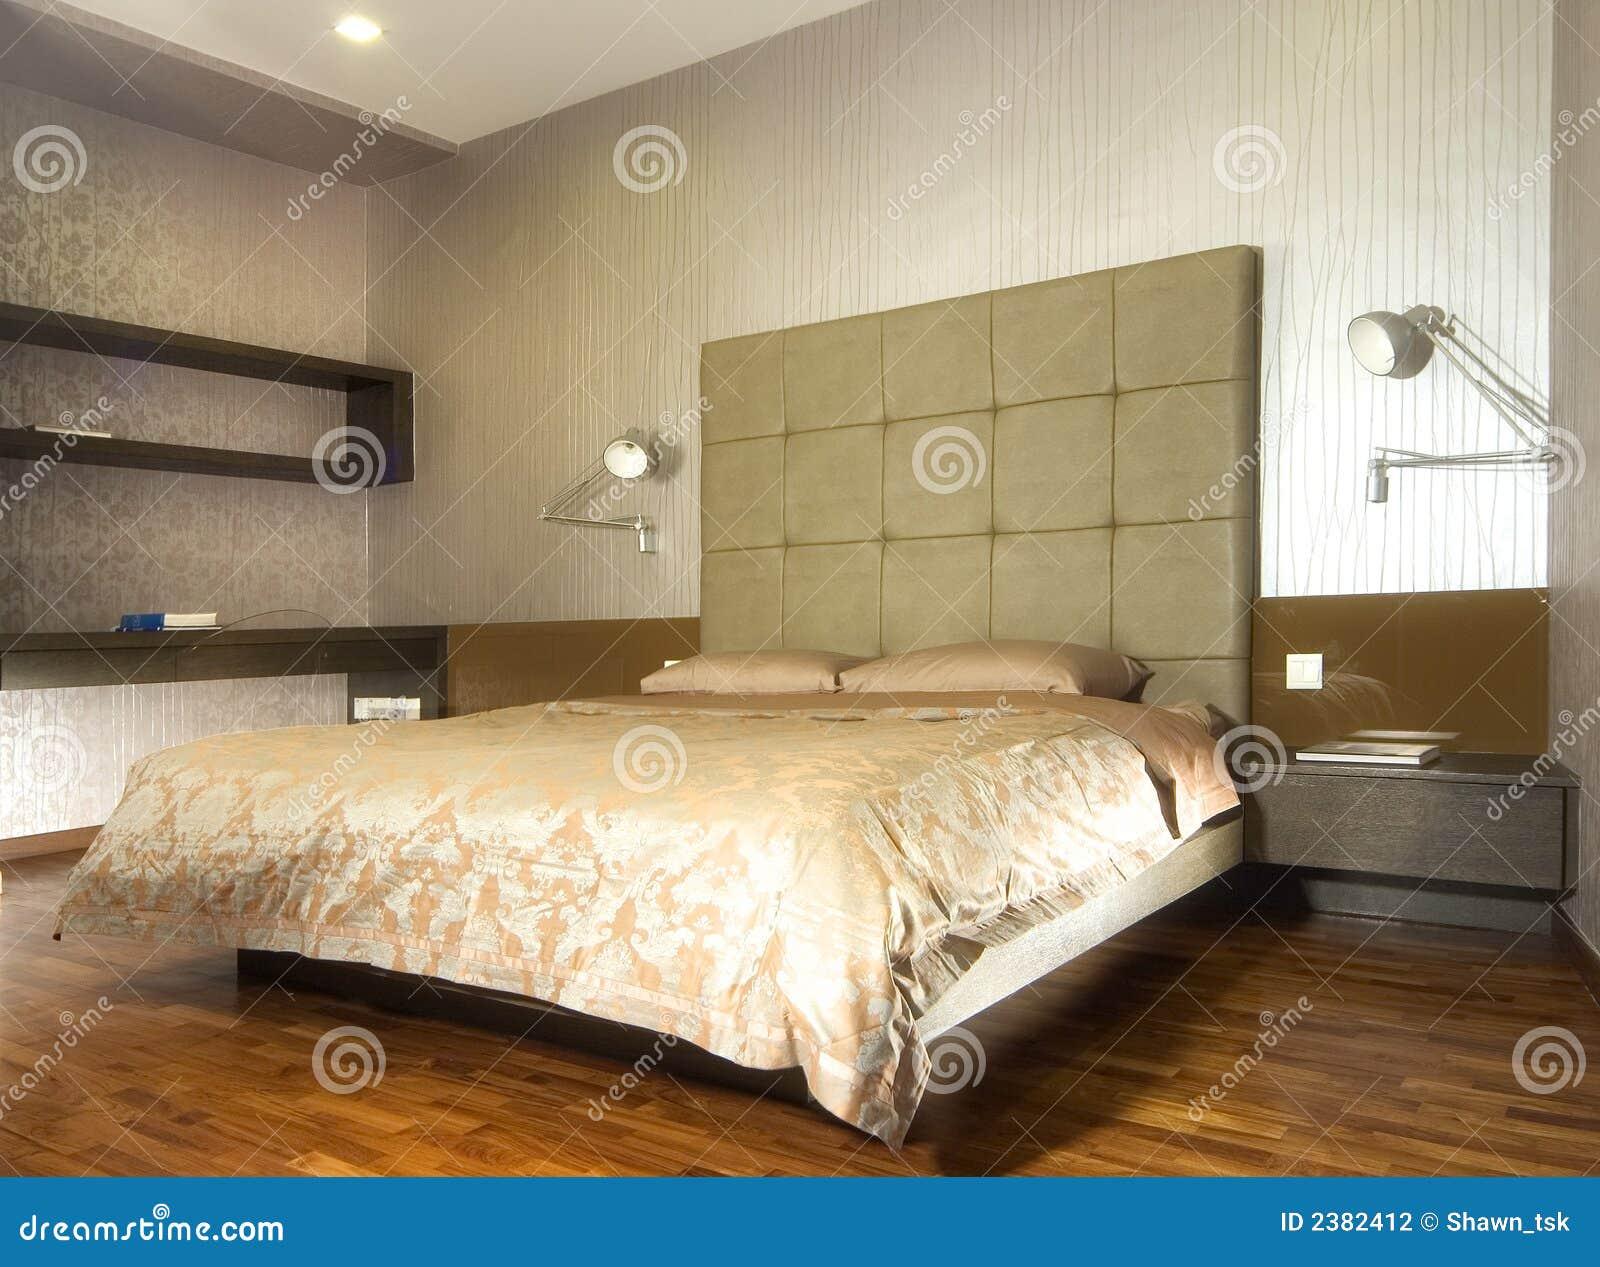 Ontwerp in de slaapkamer ~ anortiz.com for .